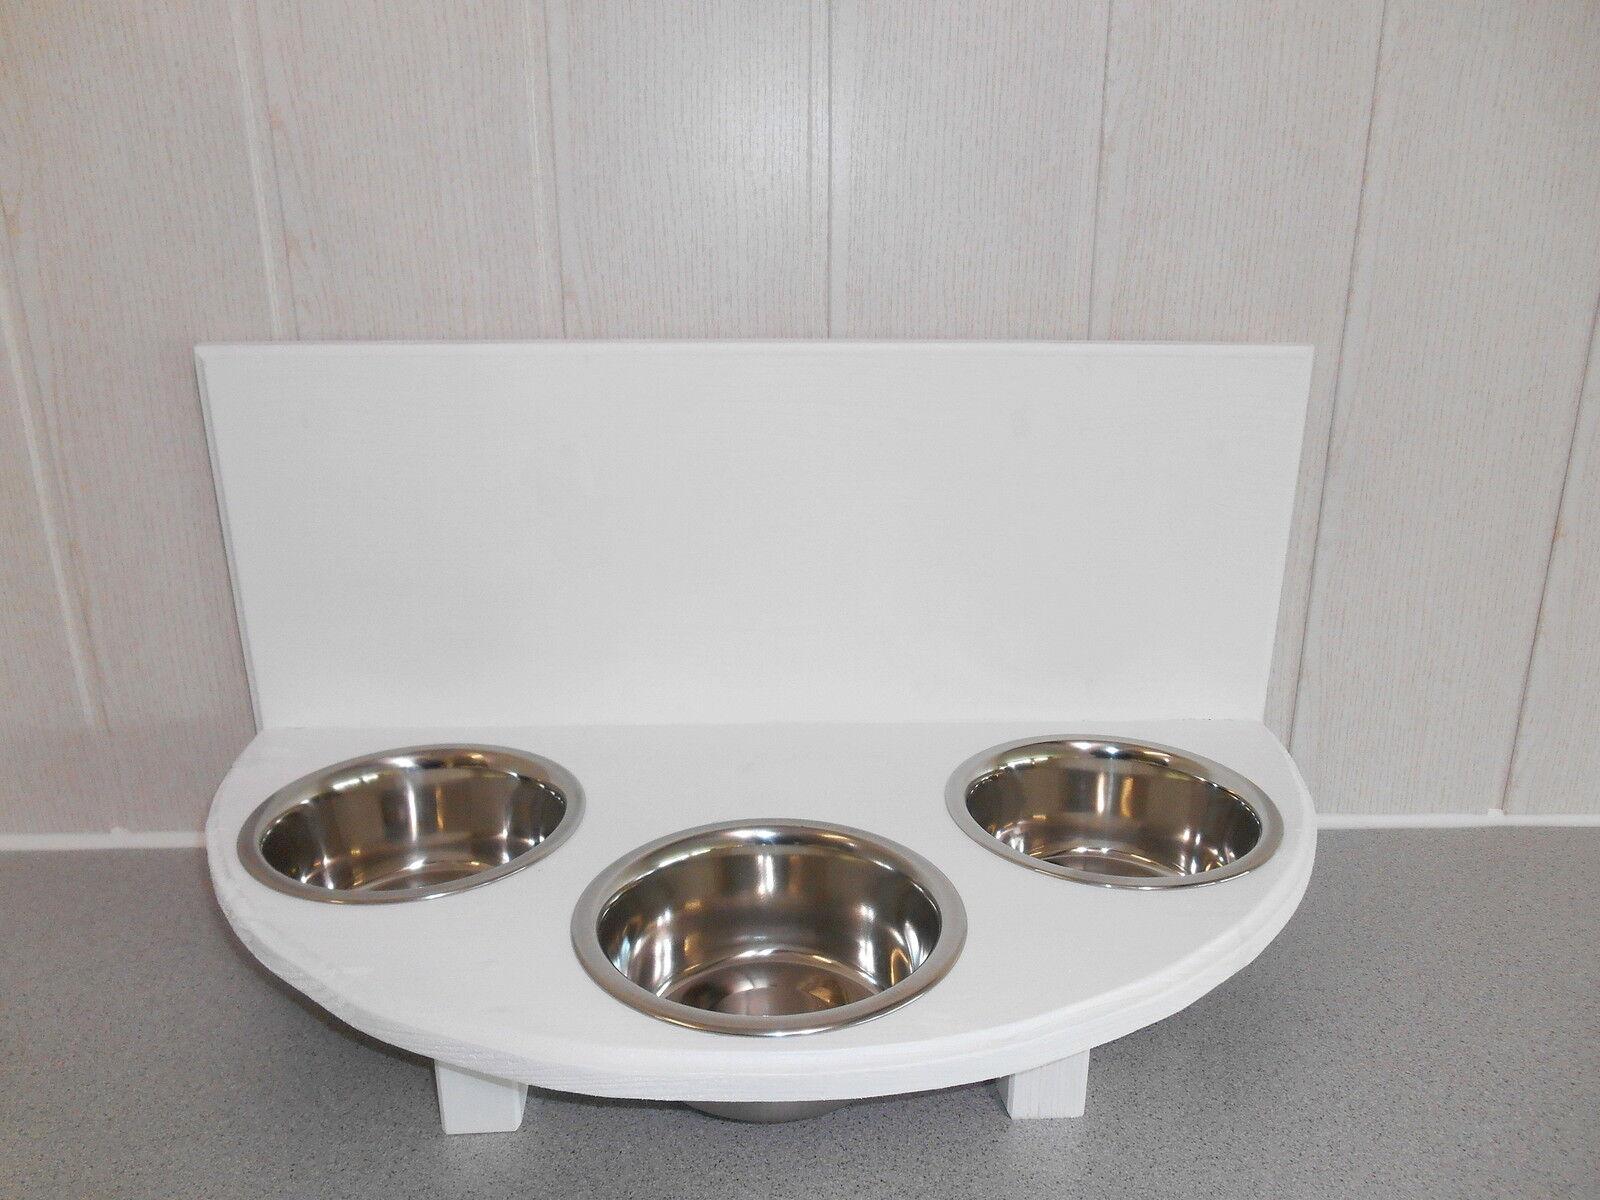 Katzennapf 3 Näpfe, weiß, halbrund, Futterstation, Napfhalter (389)   Haltbarkeit